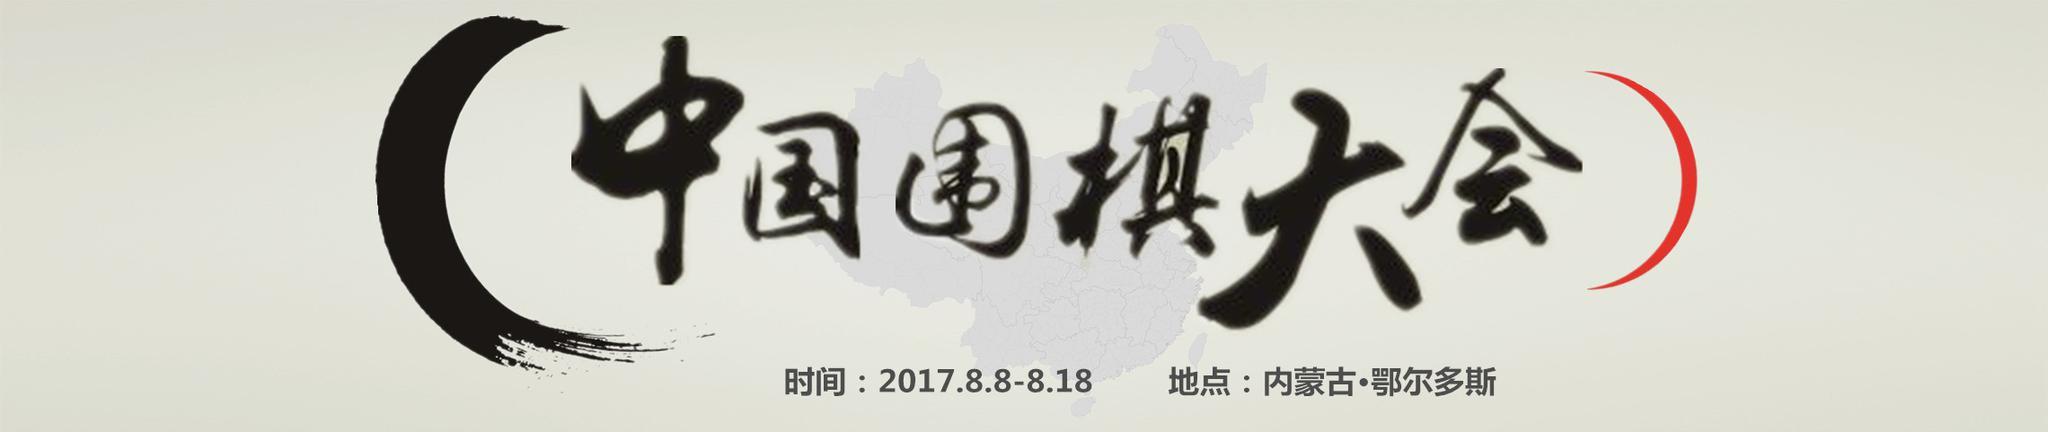 首届中国围棋大会